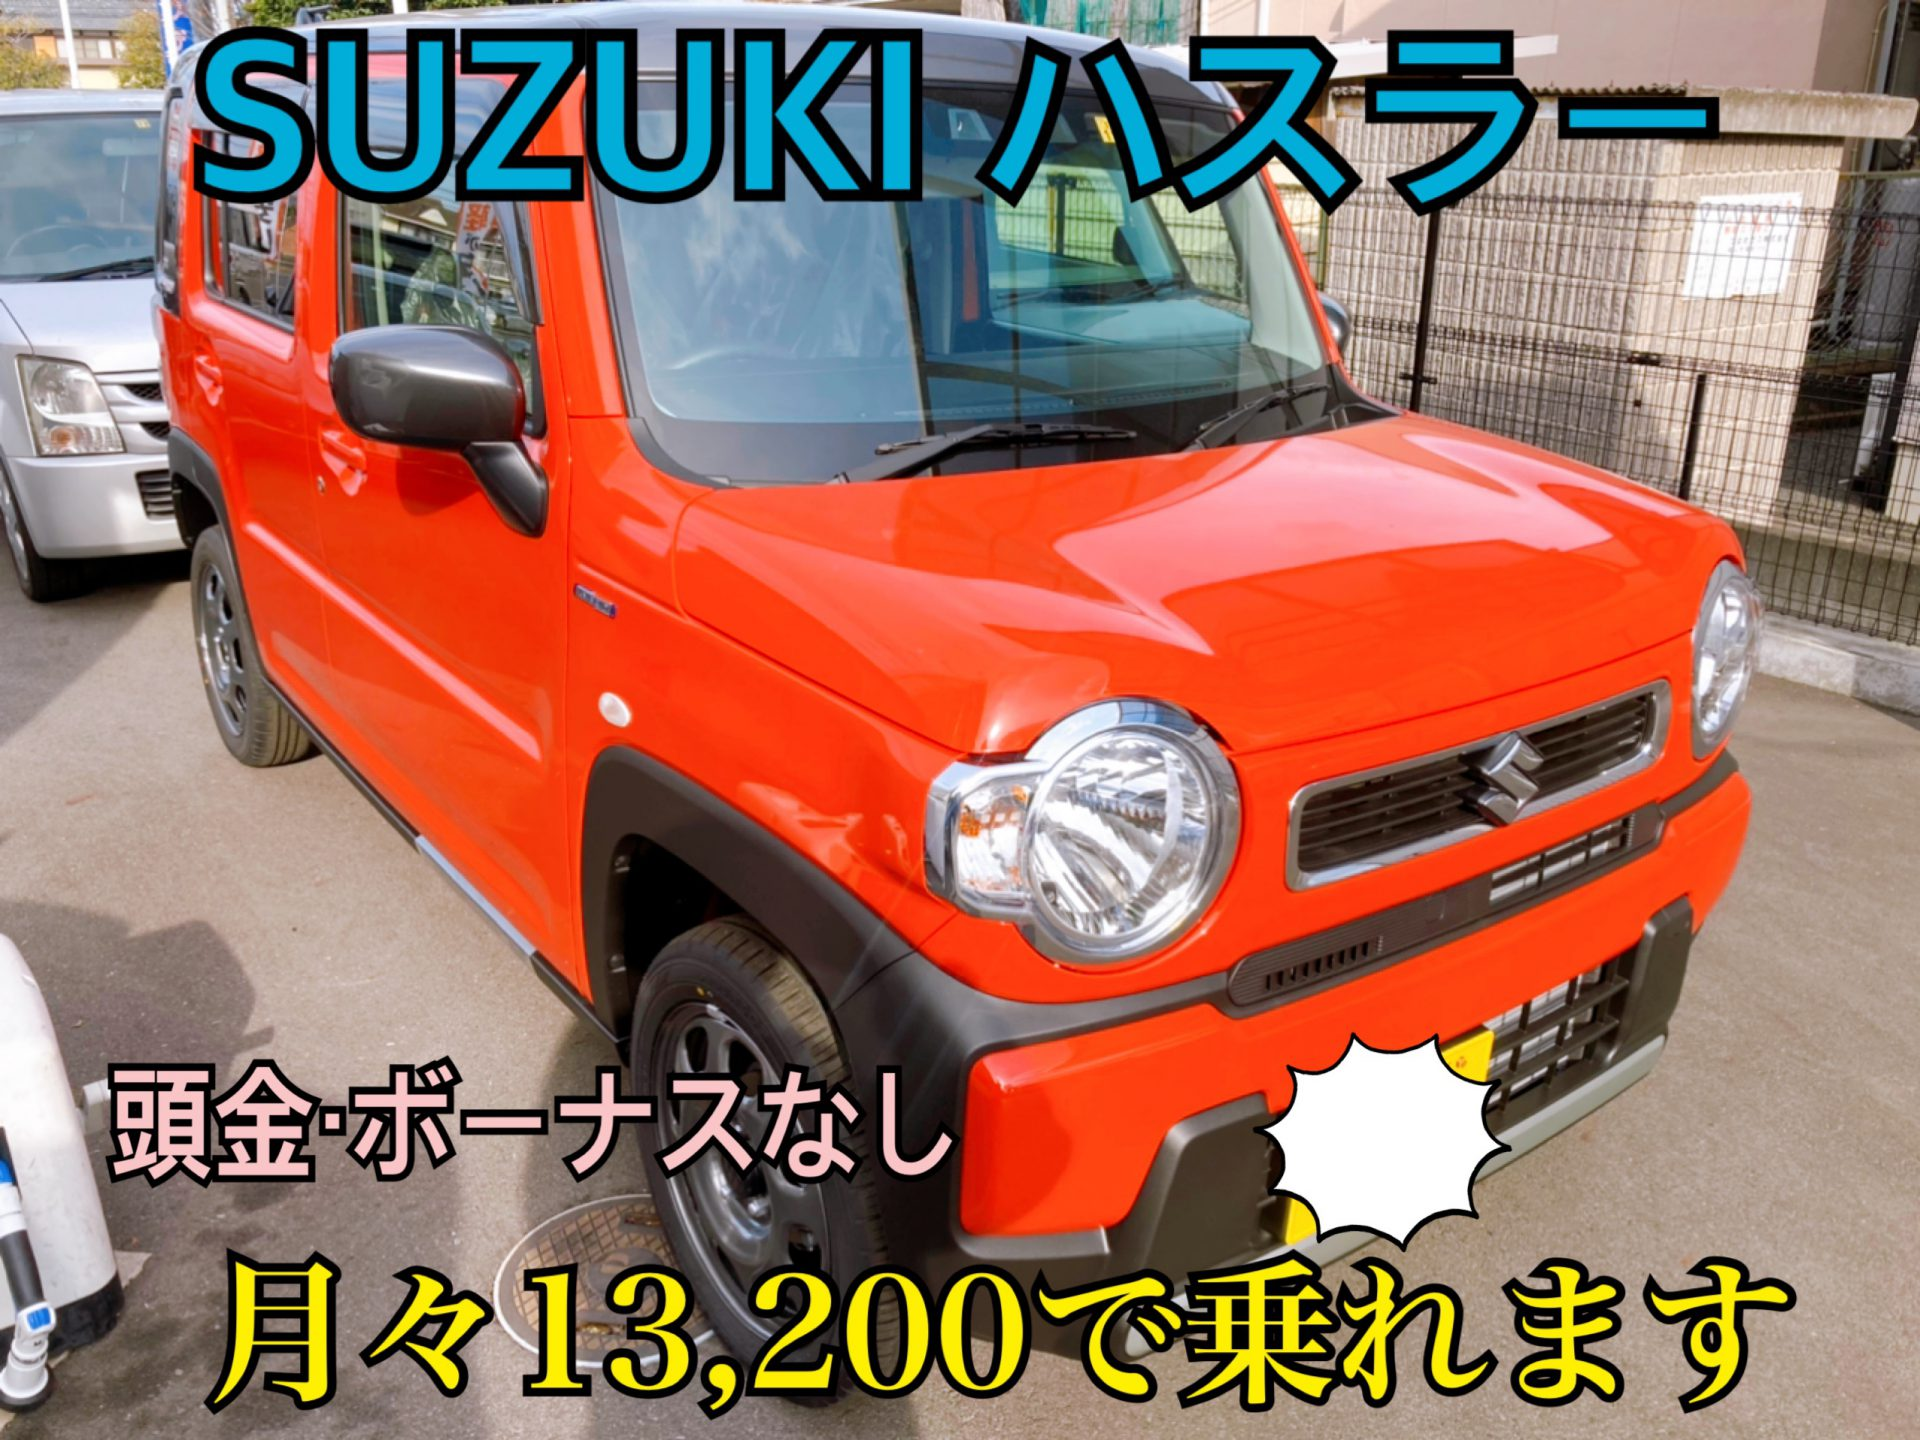 岡山市で月々の支払いを安く新車のハスラーに乗るならコバックへ!!